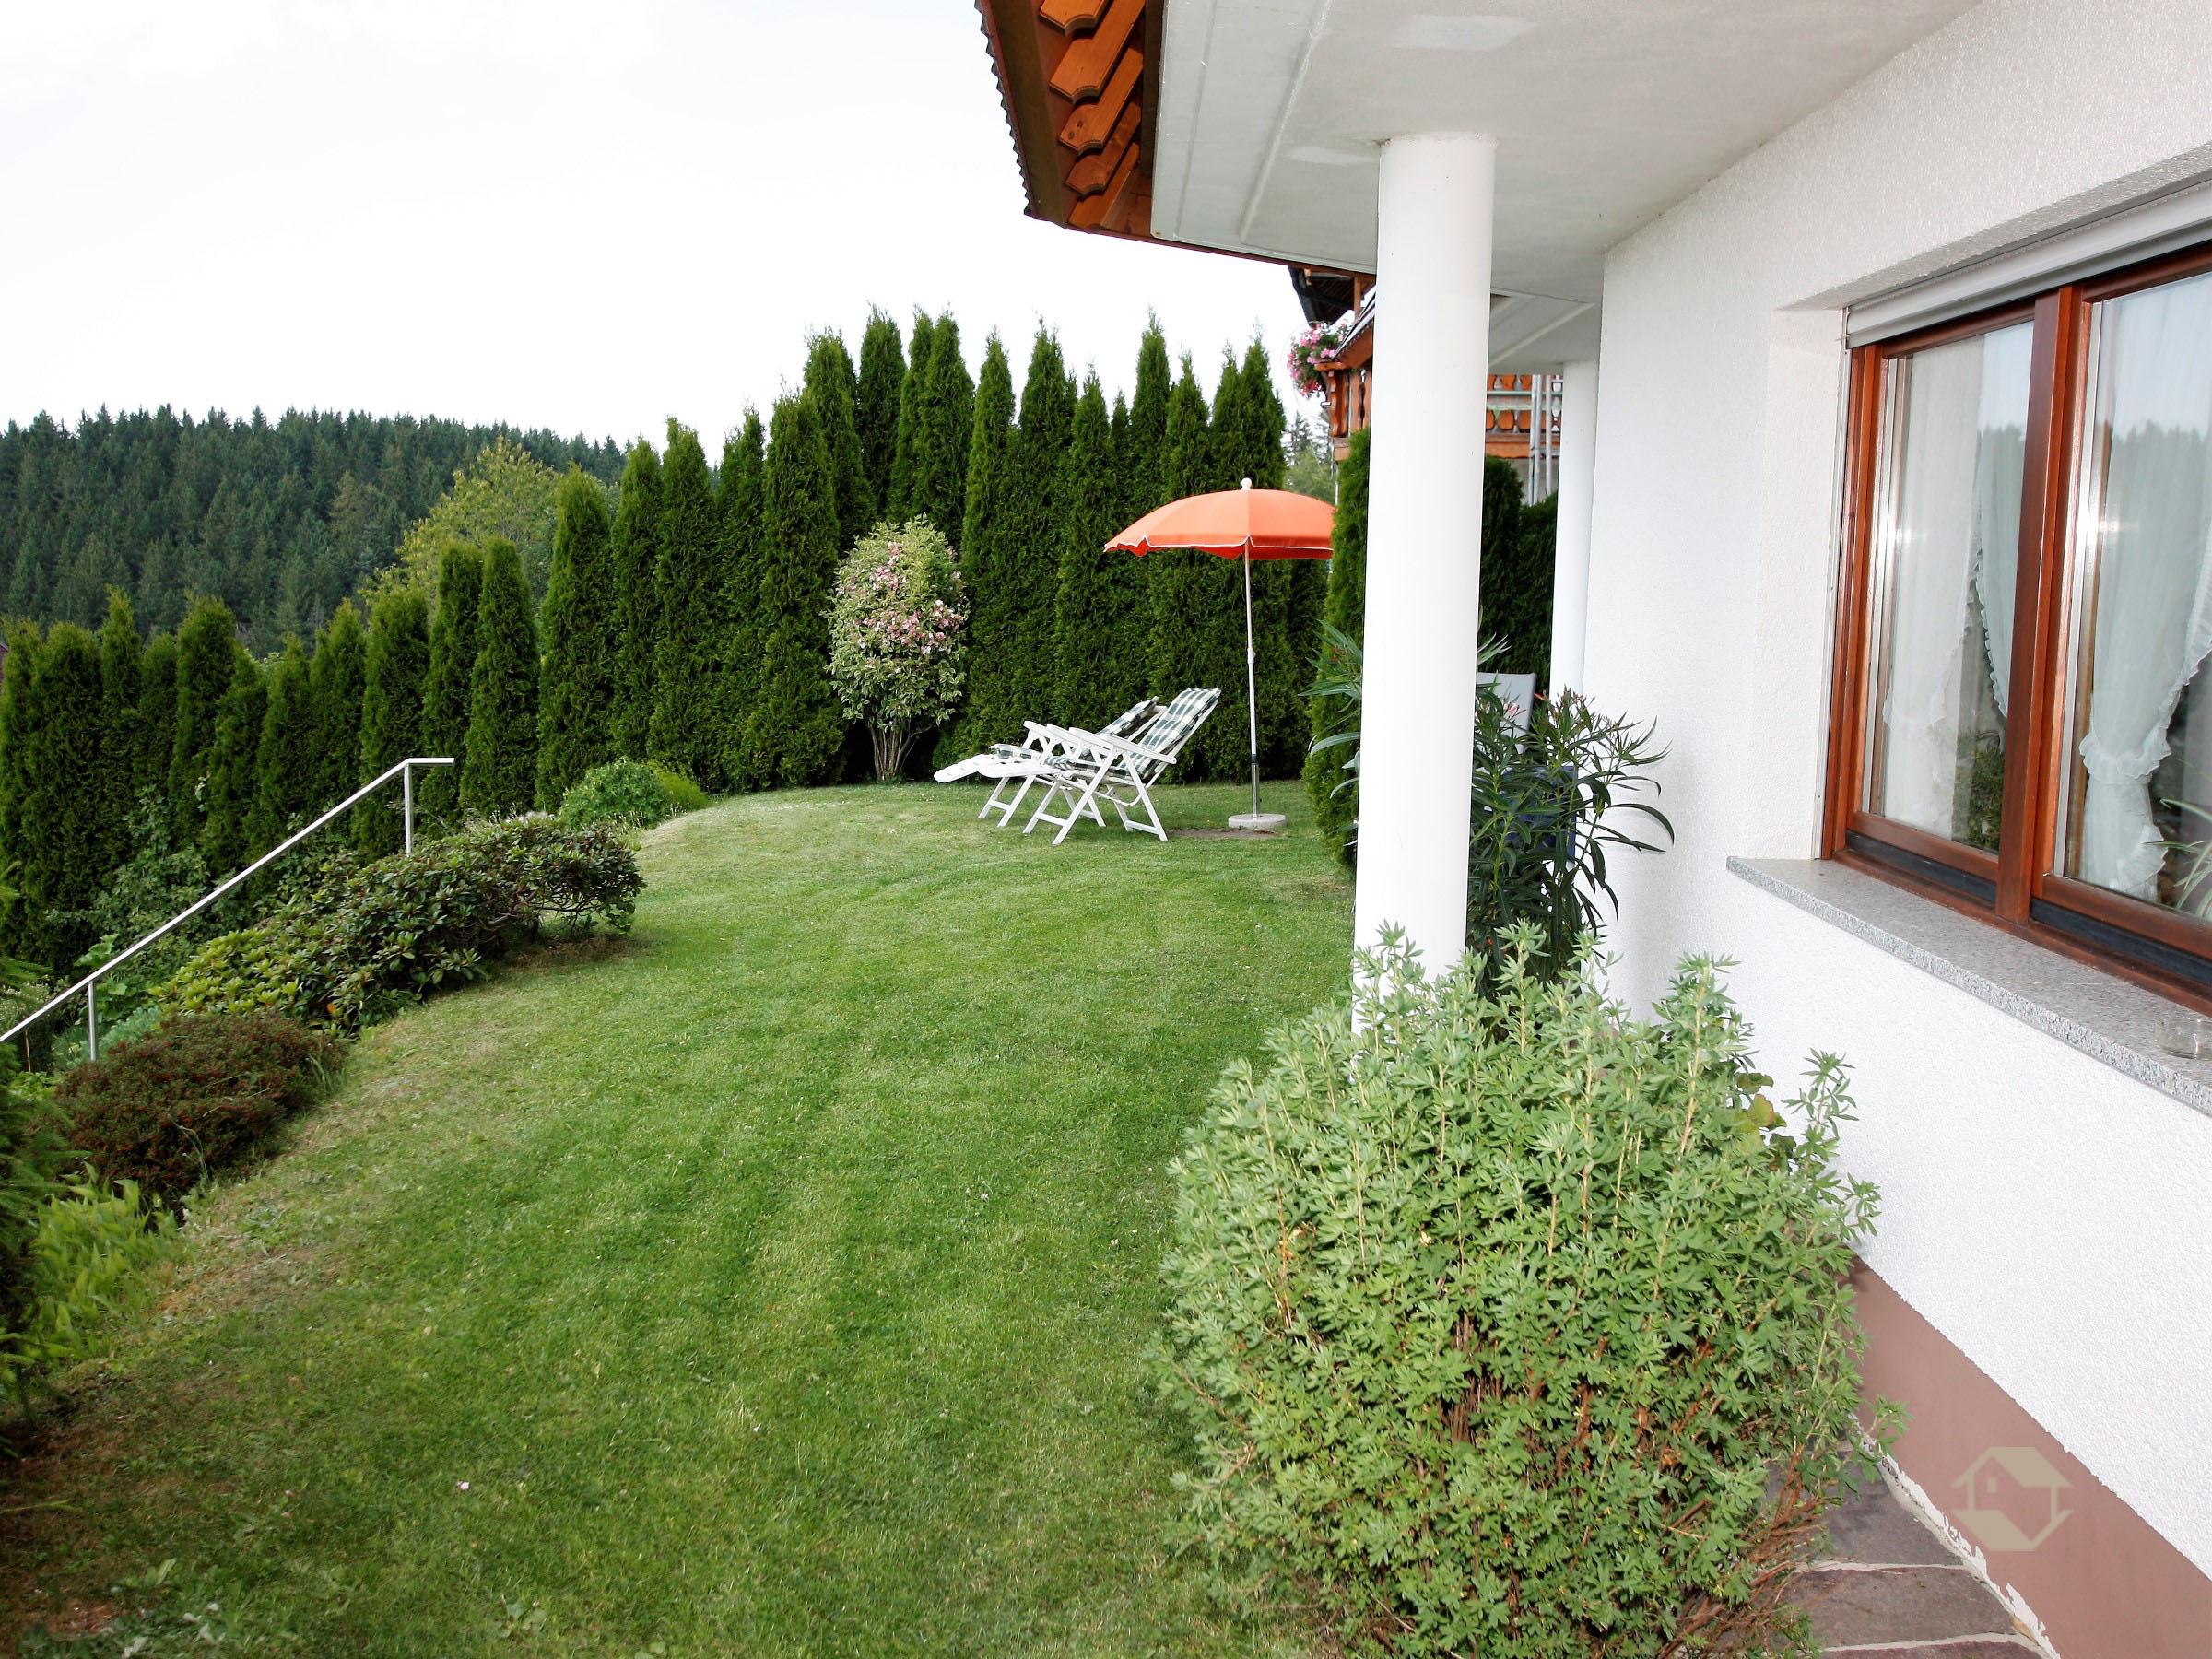 Ferienwohnung Haus Kandelblick, (Furtwangen). Ferienwohnung Kandelblick, 60qm, 1 Schlafraum, 1 Wohn-/Sch (2717402), Furtwangen, Schwarzwald, Baden-Württemberg, Deutschland, Bild 29